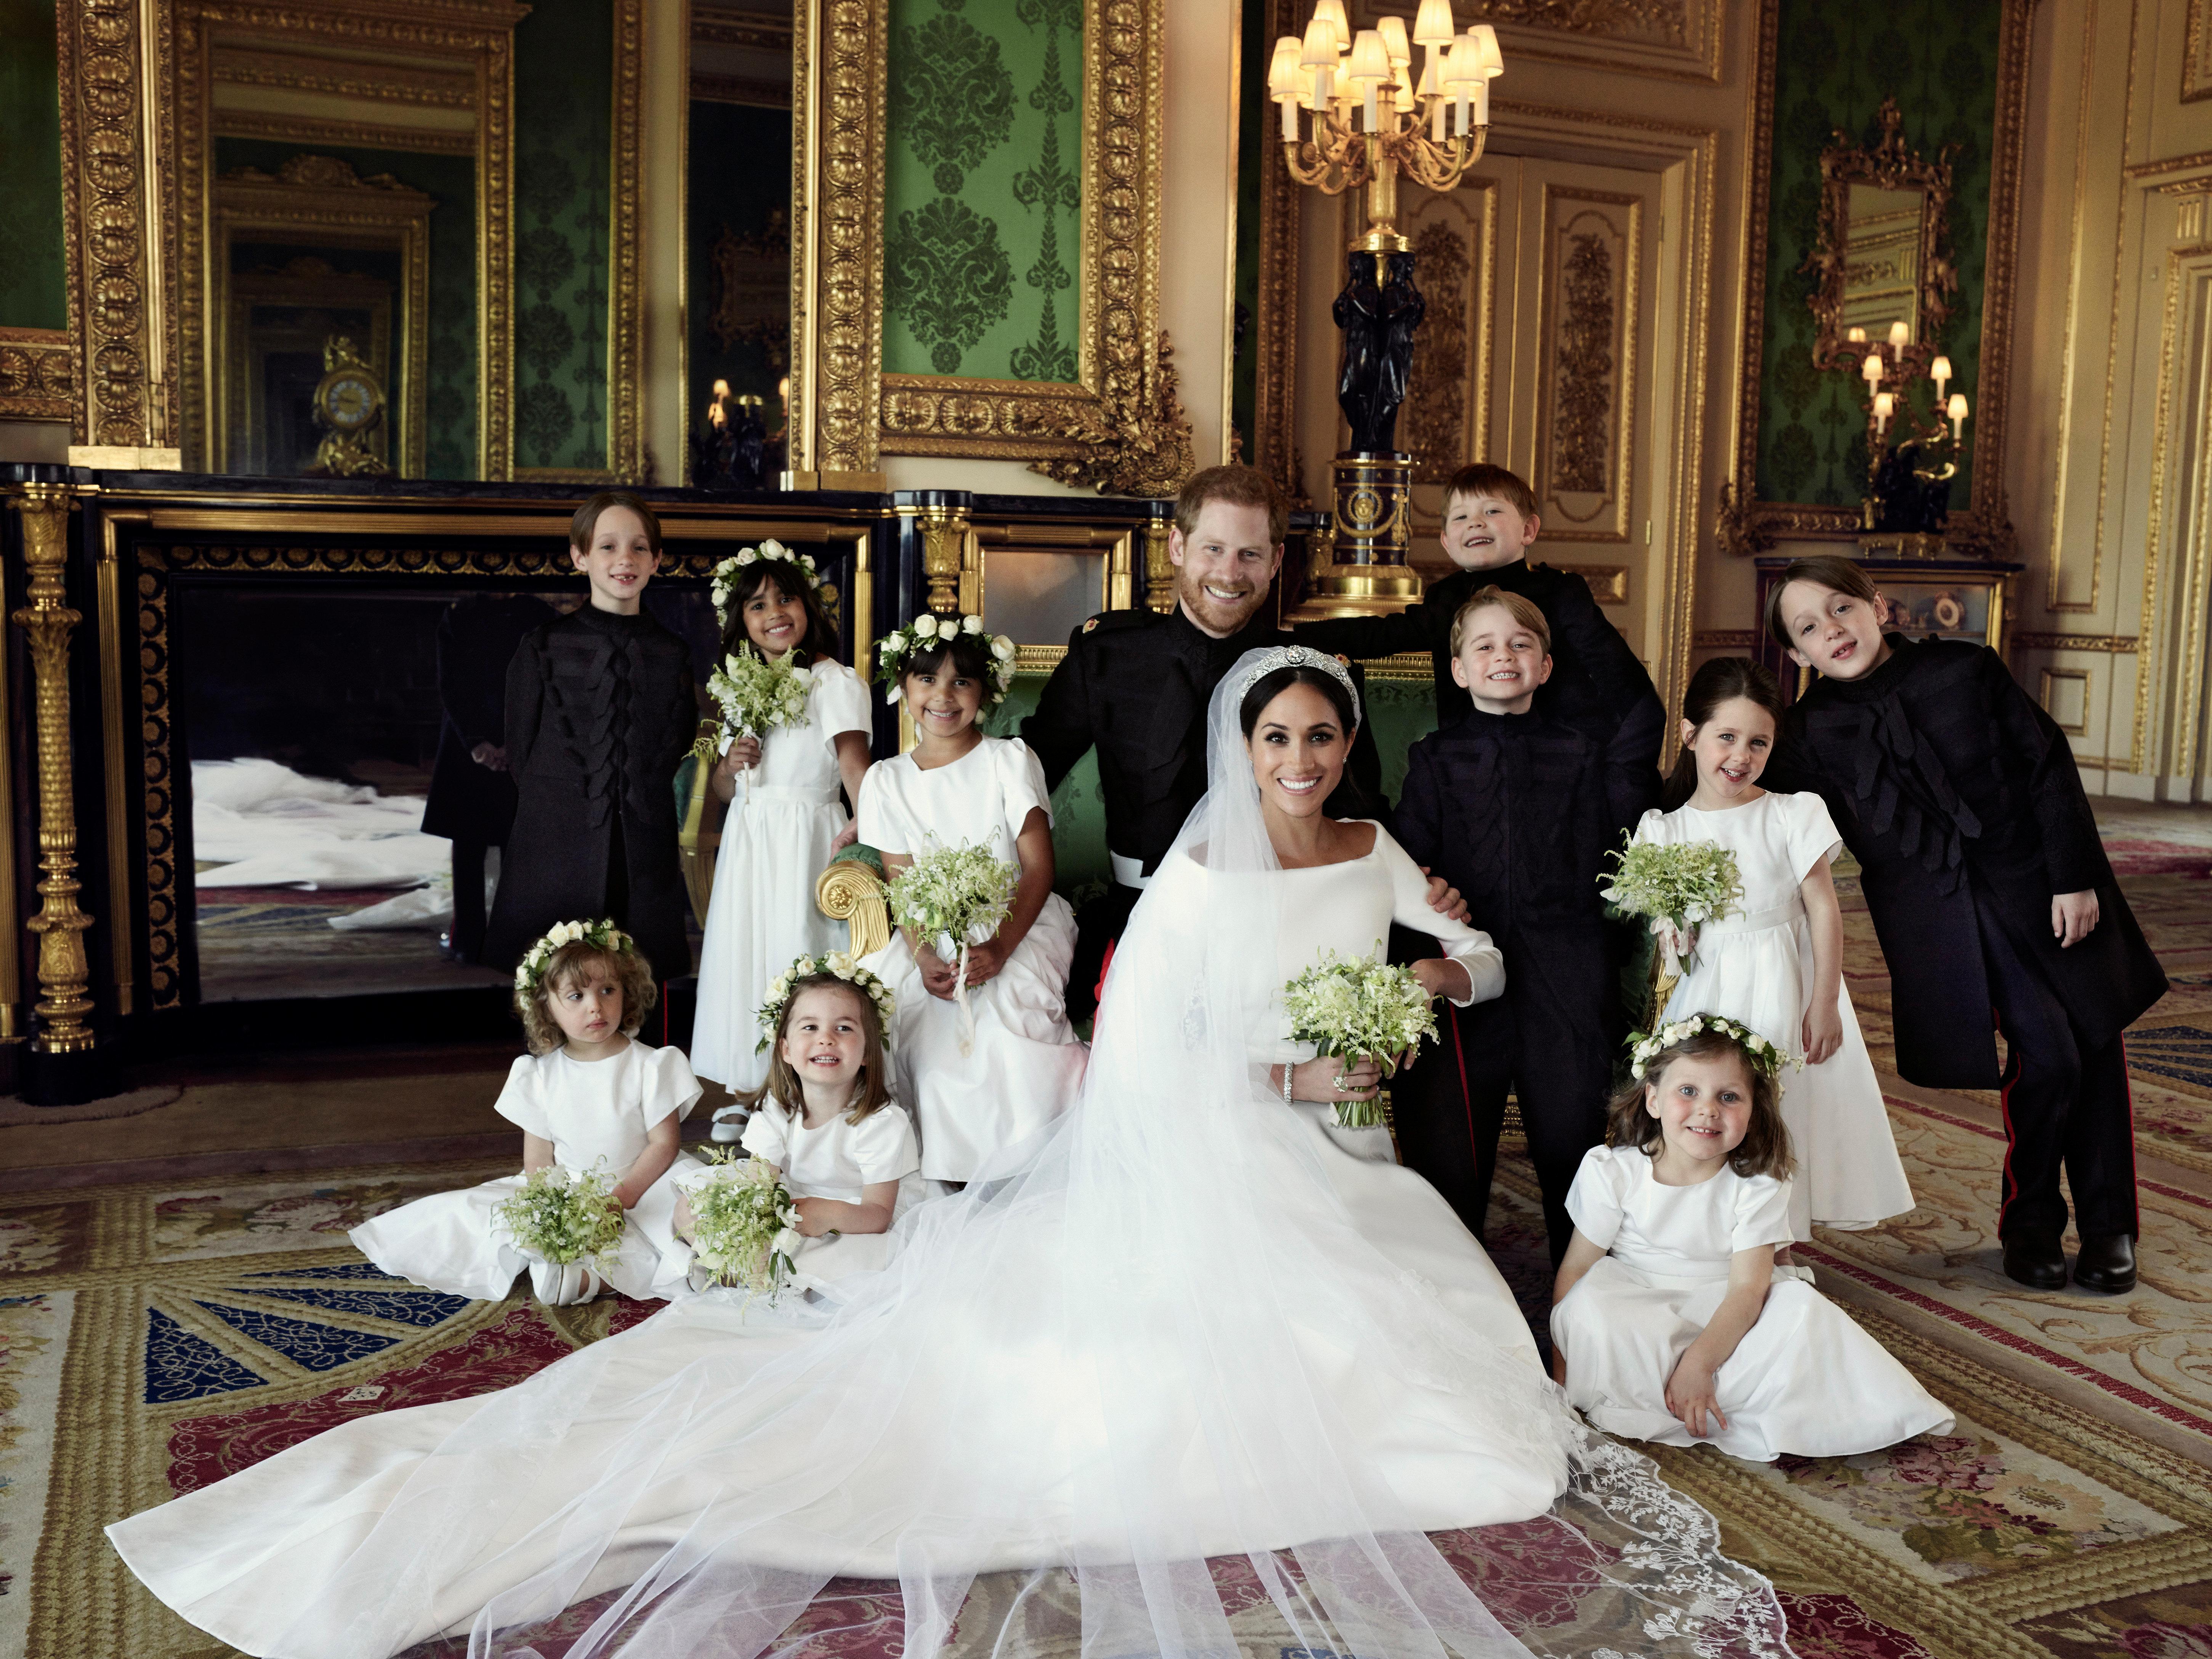 영국 왕실이 공개한 해리왕자와 메간마클의